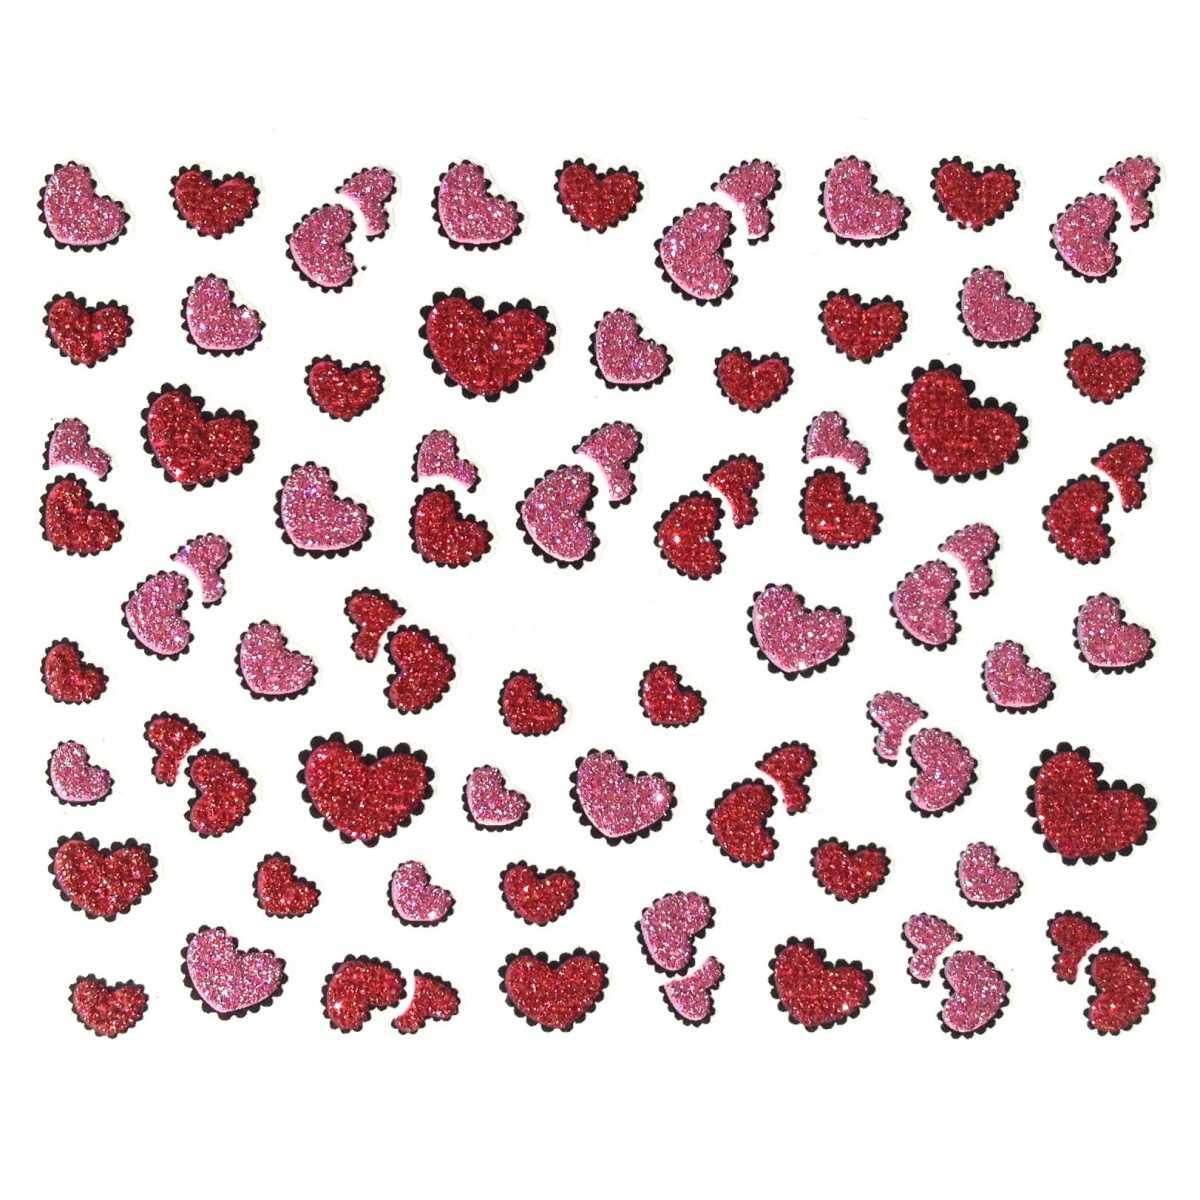 https://www.kit-manucure.com/705-thickbox_default/stickers-nail-art-paillettes-coeur-rouge-et-rose.jpg